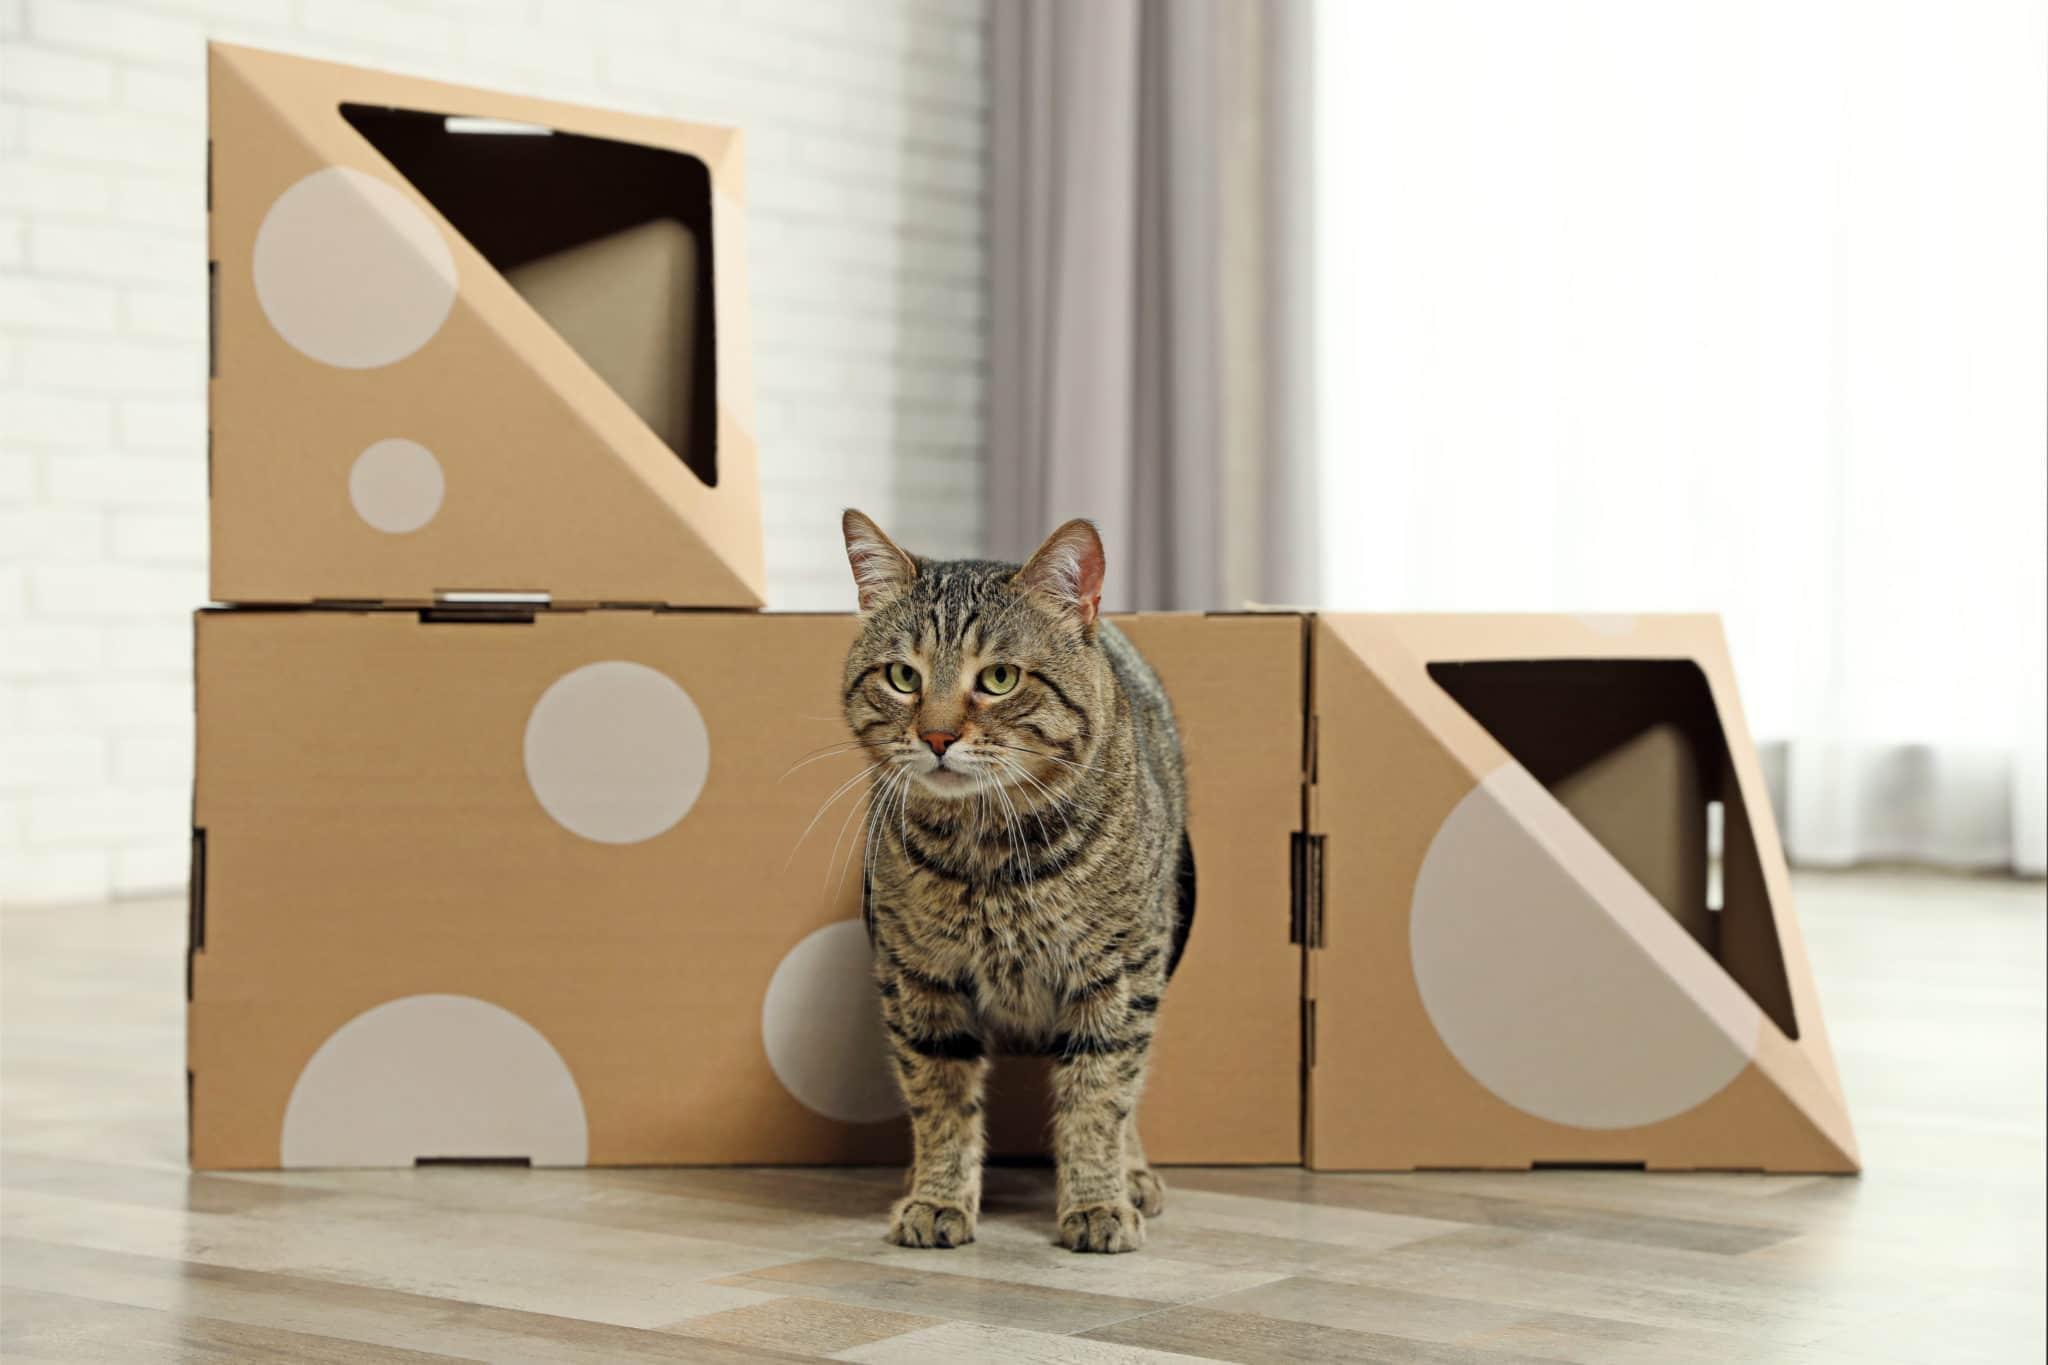 Katzenhaus aus Pappe